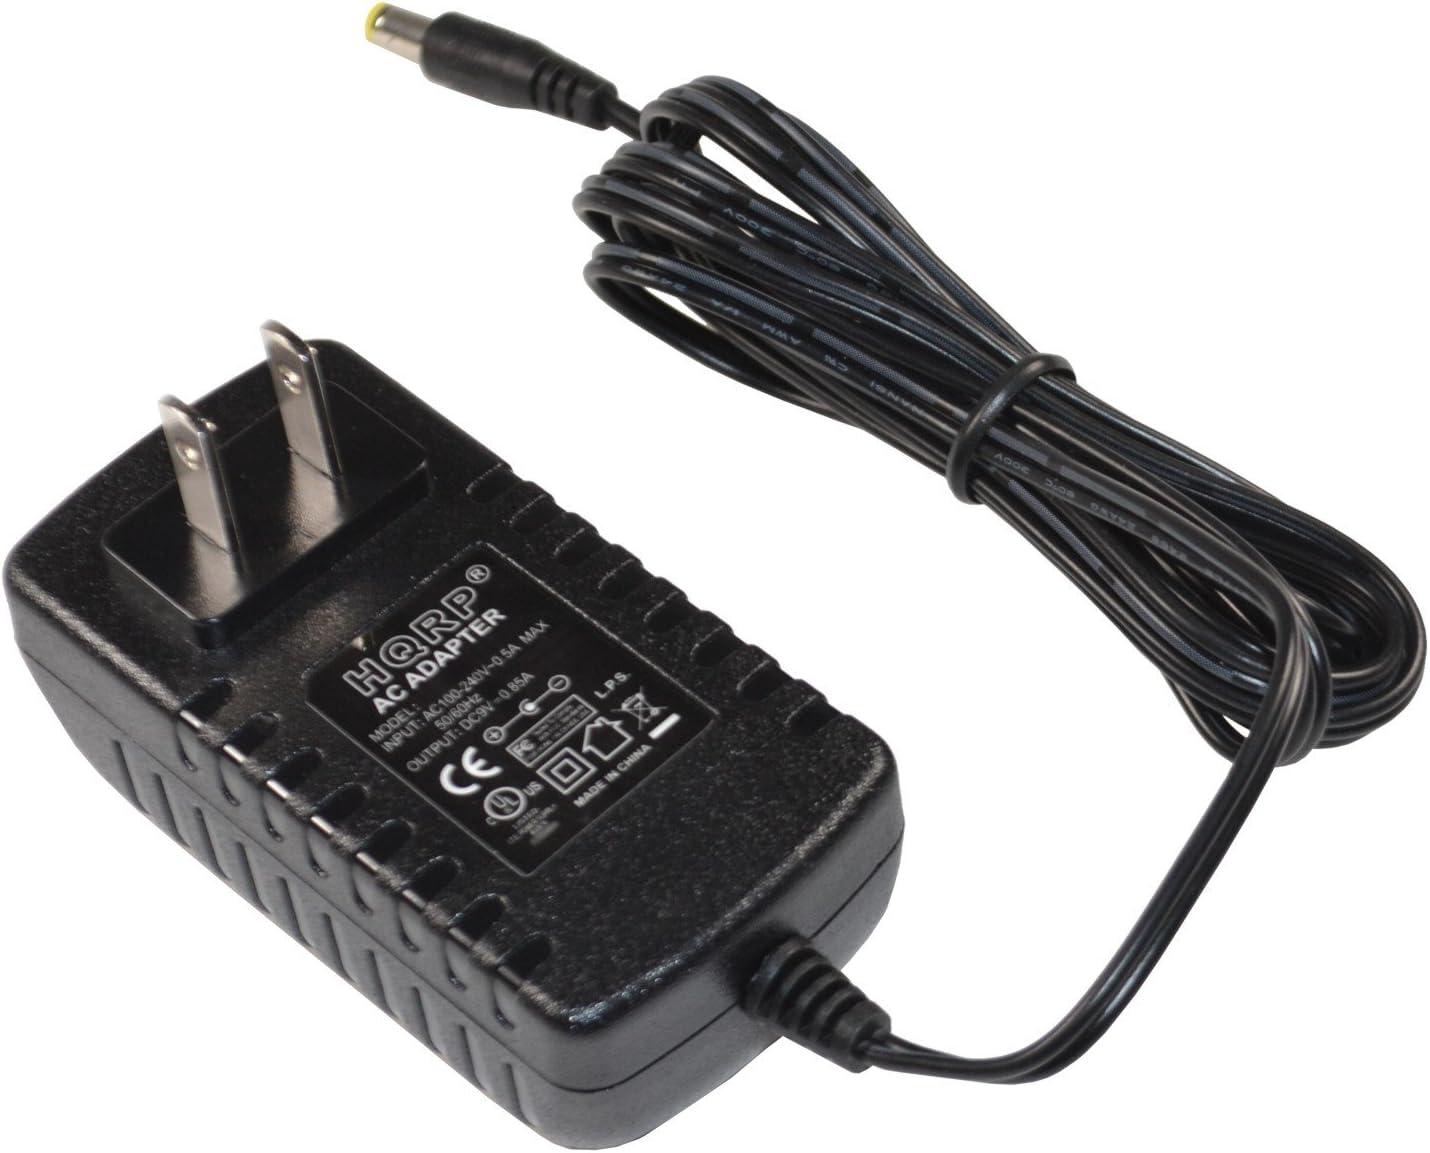 Netzteil Ladegerät für Casio LK-30 LK-35 LK-45 Keyboard